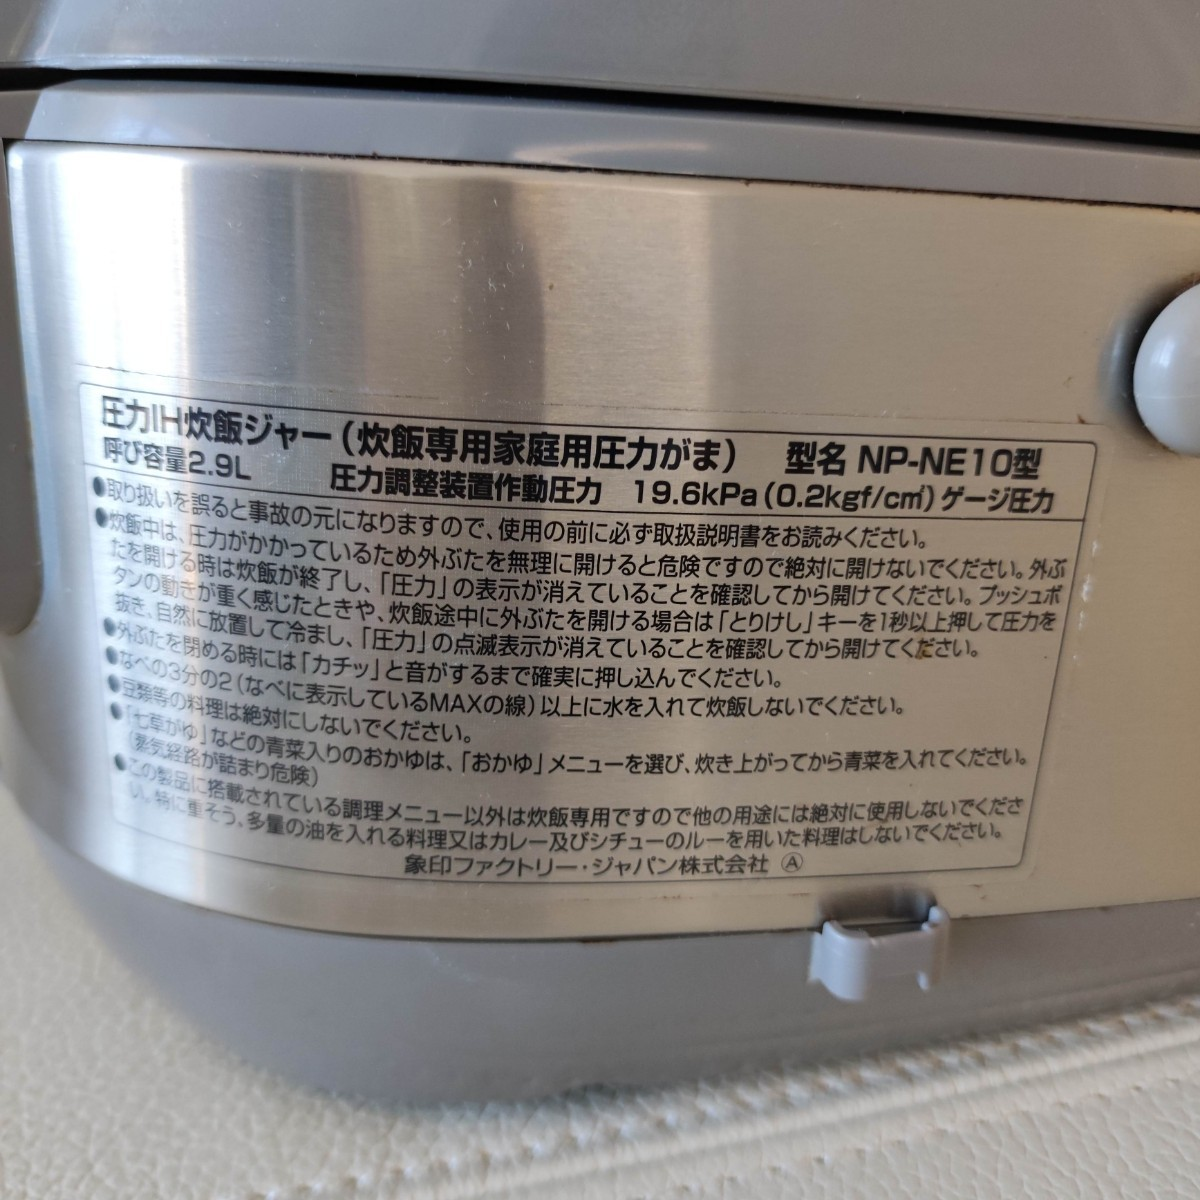 象印 ZOJIRUSHI 真空内釜圧力IH炊飯ジャー極め炊き 5.5合